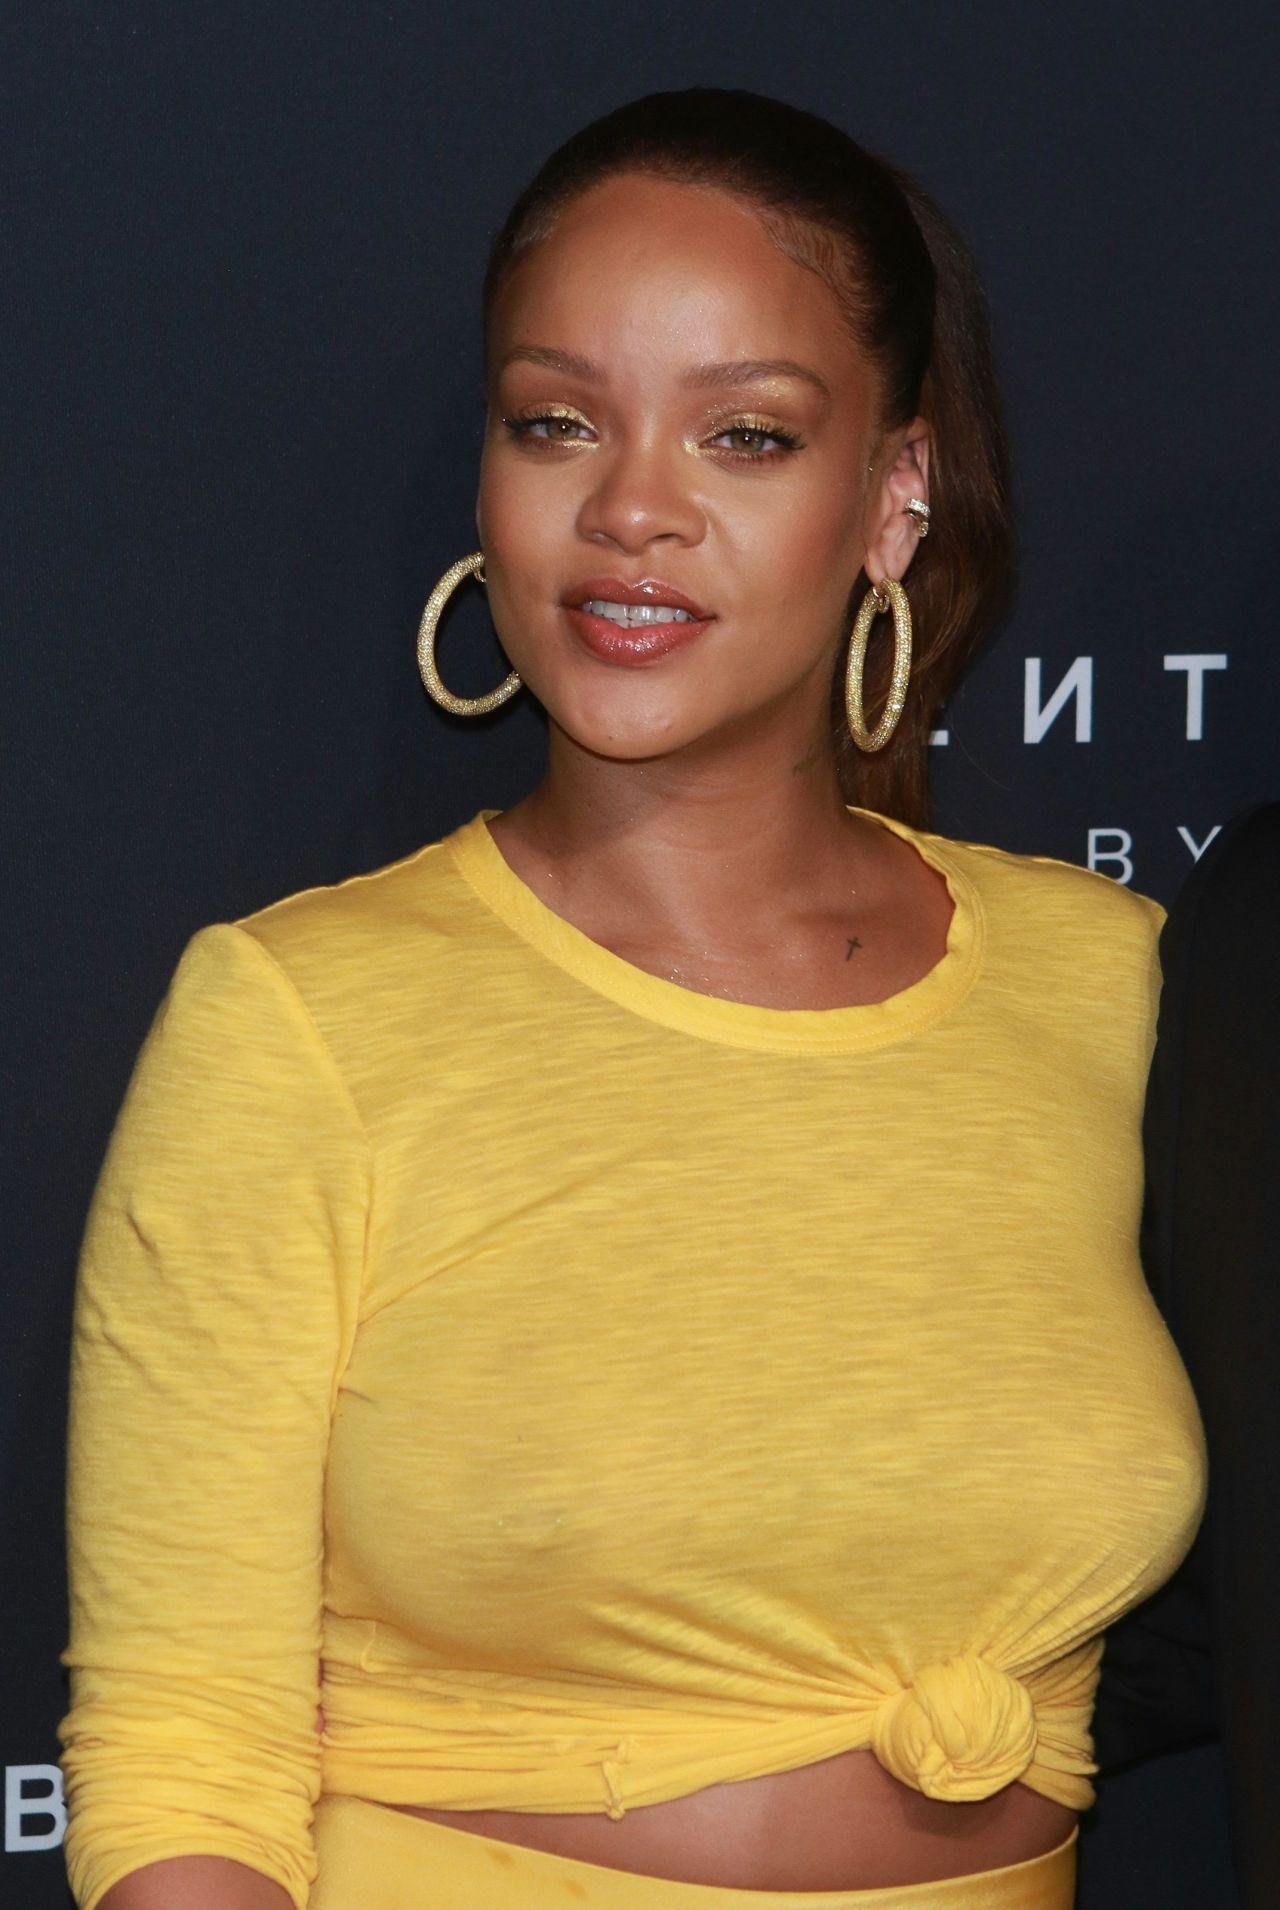 Rihanna Rihanna Fenty Beauty By Rihanna Launch in NYC 07 09 2017